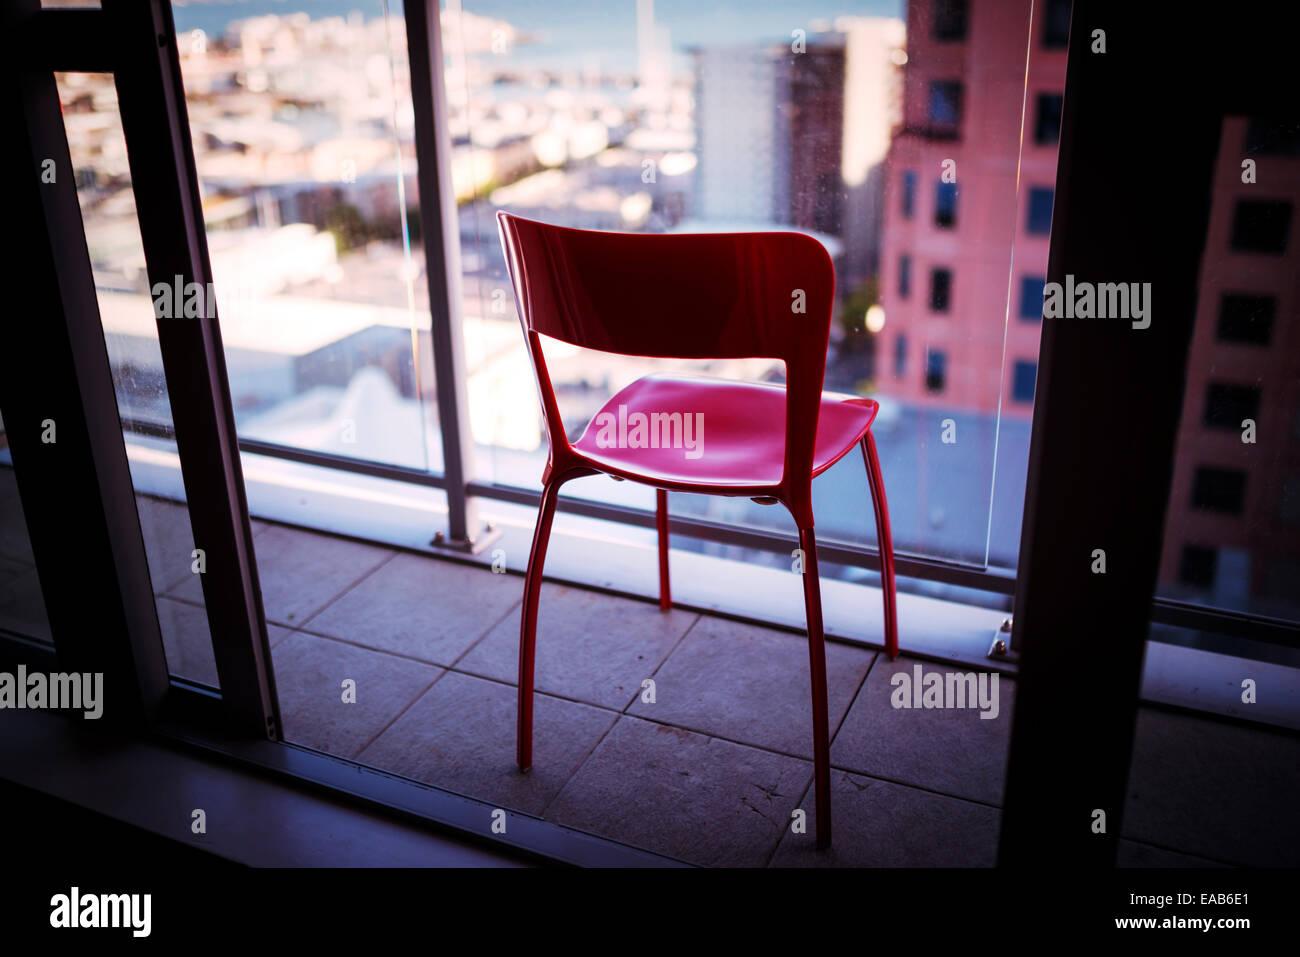 Silla Roja en apartamento balcón Imagen De Stock